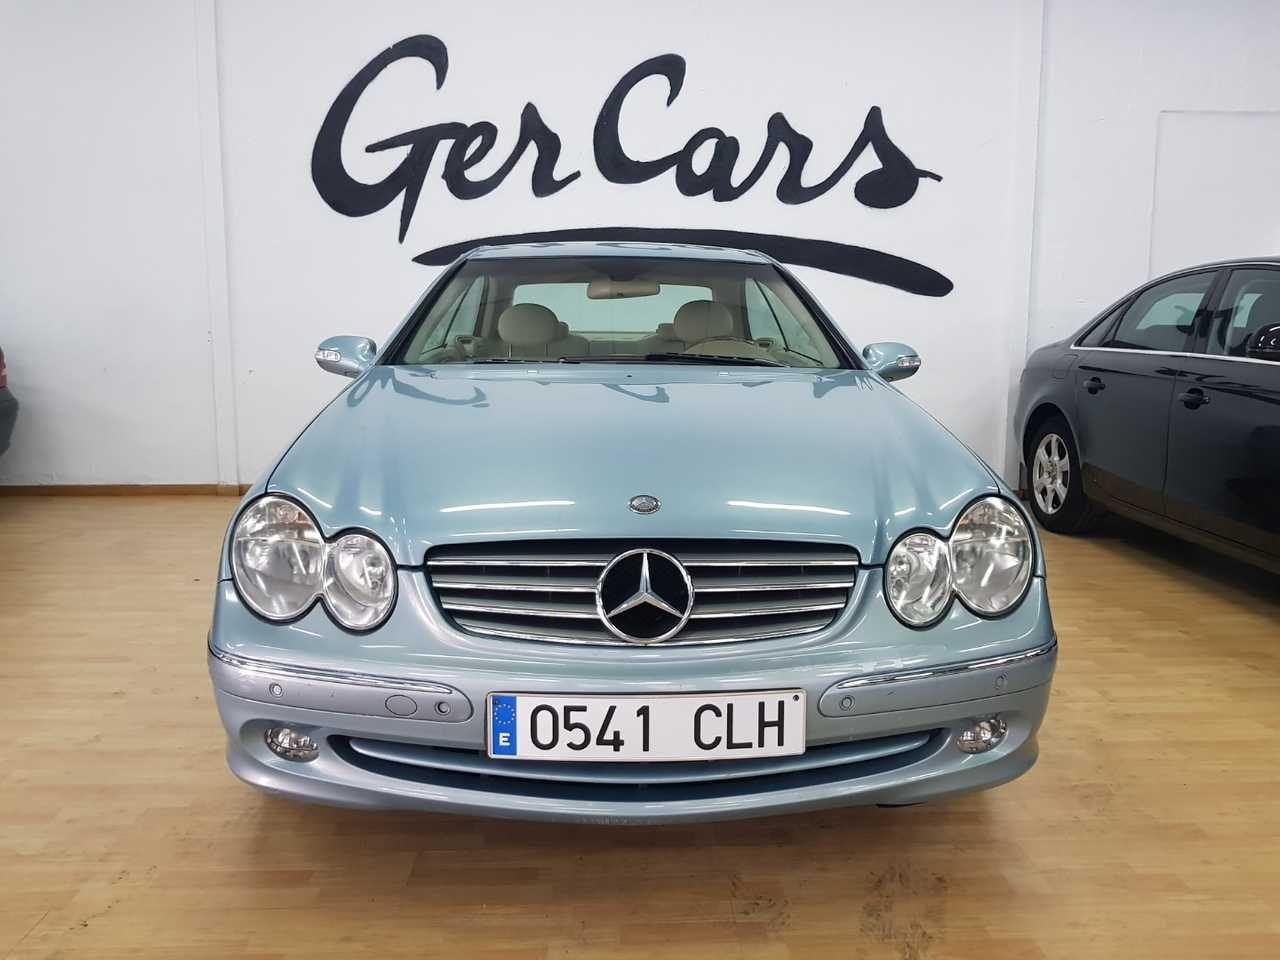 Mercedes Clase C Coupé CLK 320 ELEGANCE 218CV: Vehículos de ocasión de Gercars